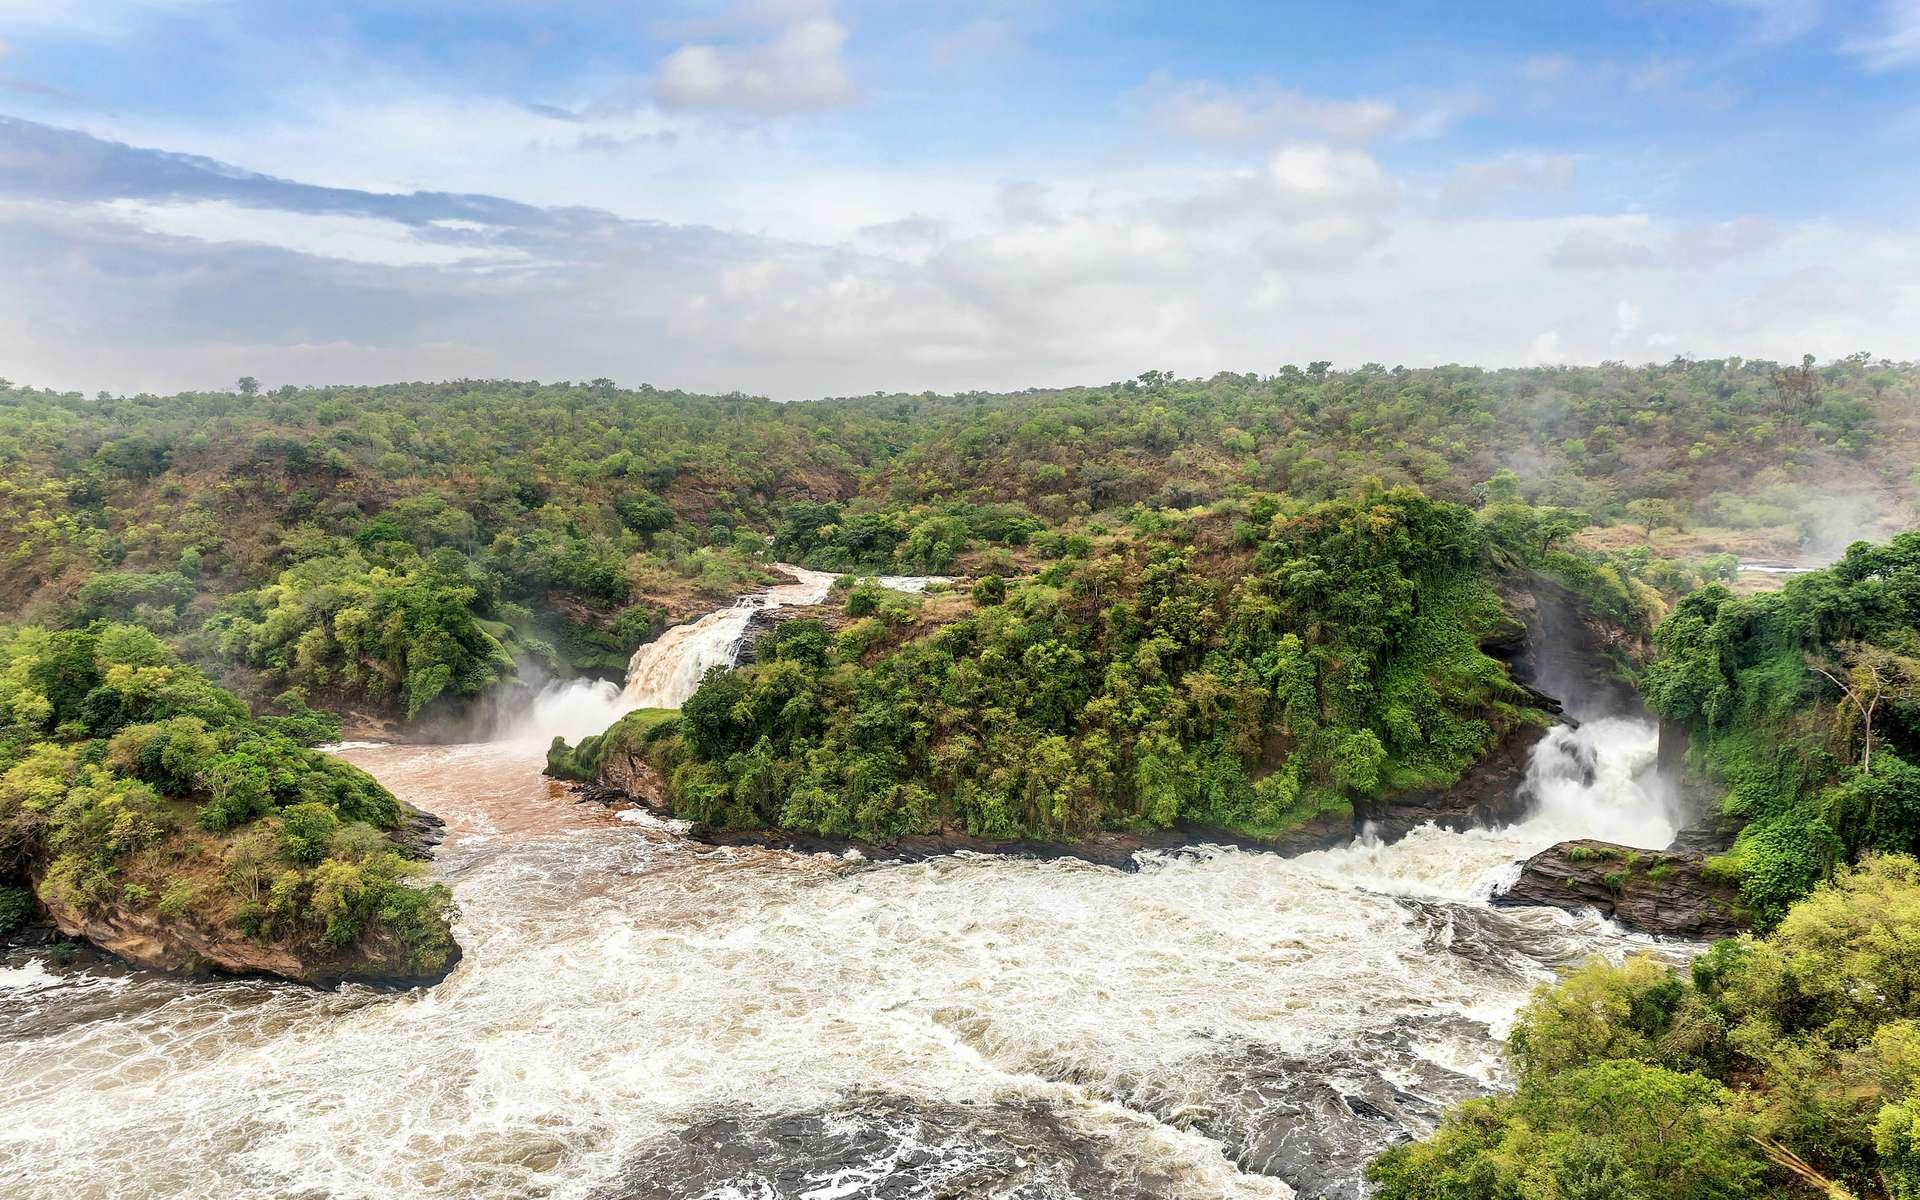 Partez à la recherche des sources du Nil avec Chasseurs de science